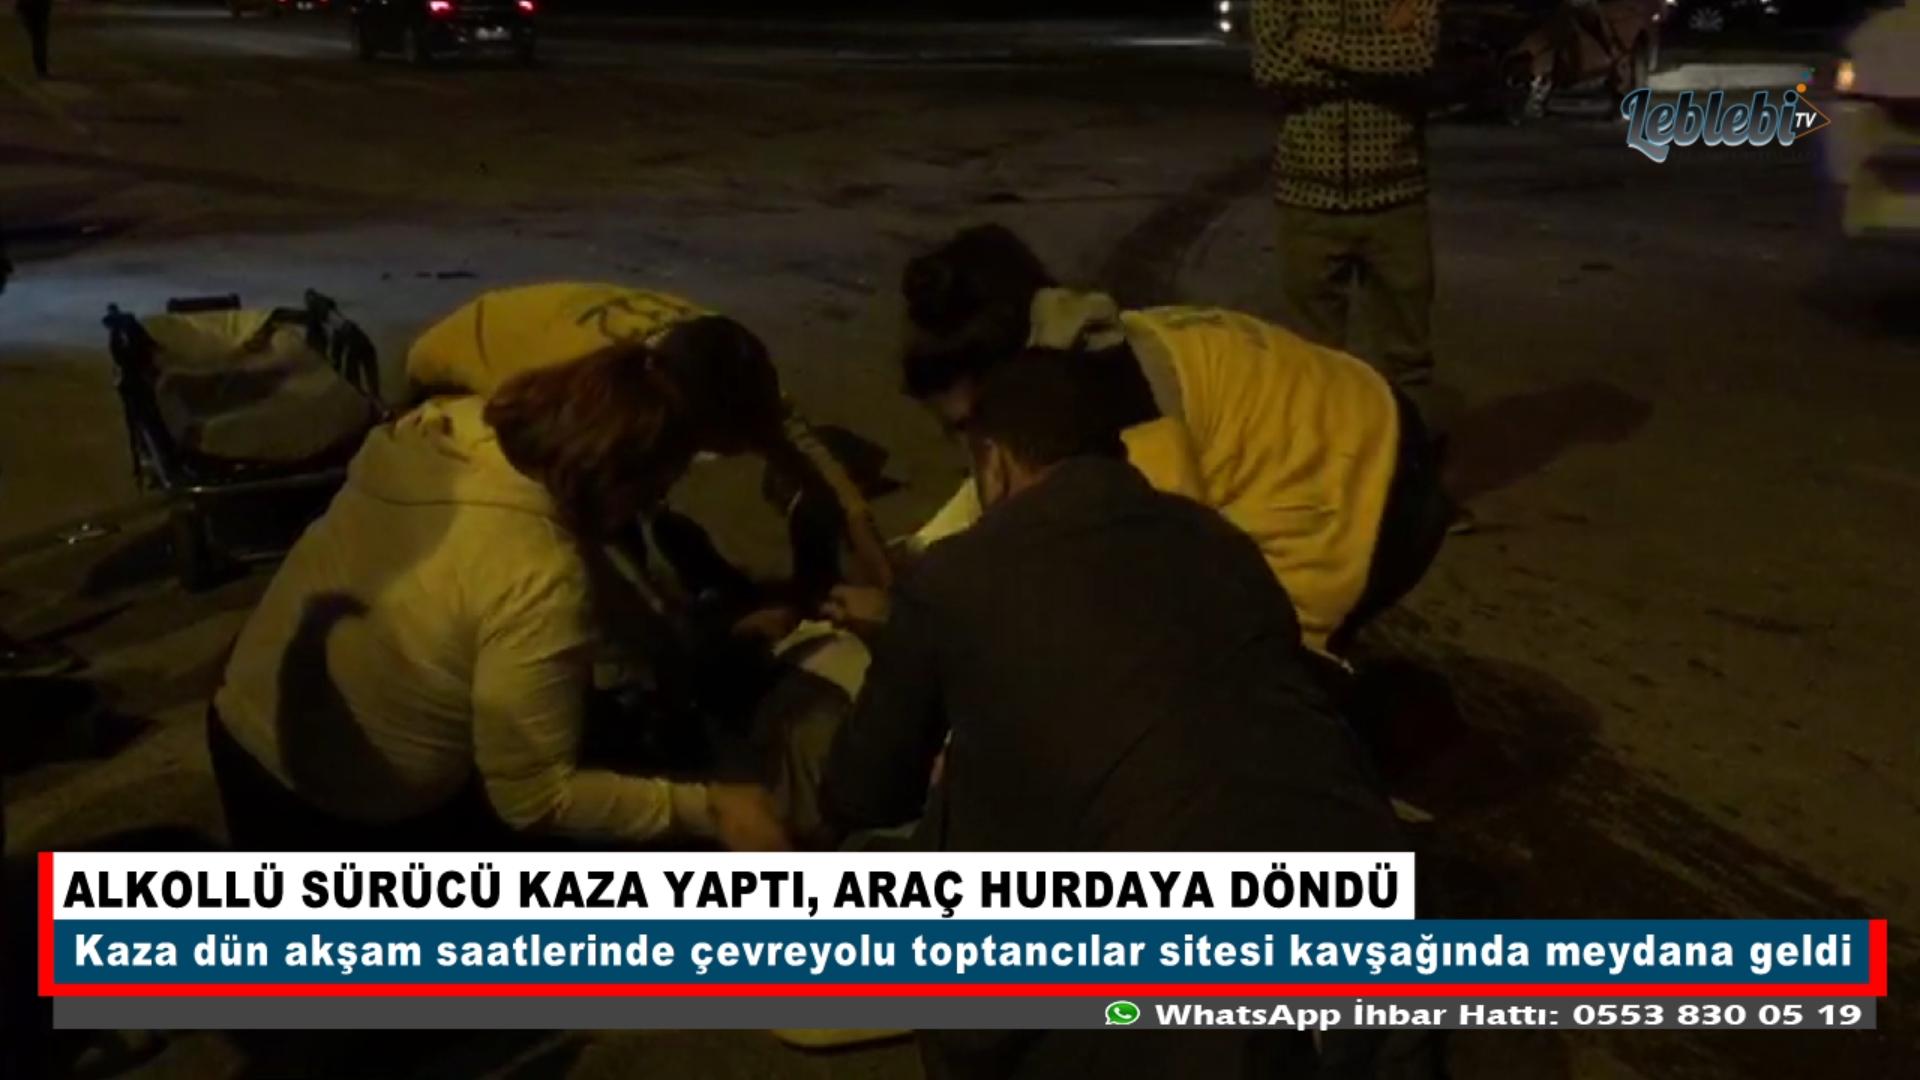 ALKOLLÜ SÜRÜCÜ KAZA YAPTI, ARAÇ HURDAYA DÖNDÜ